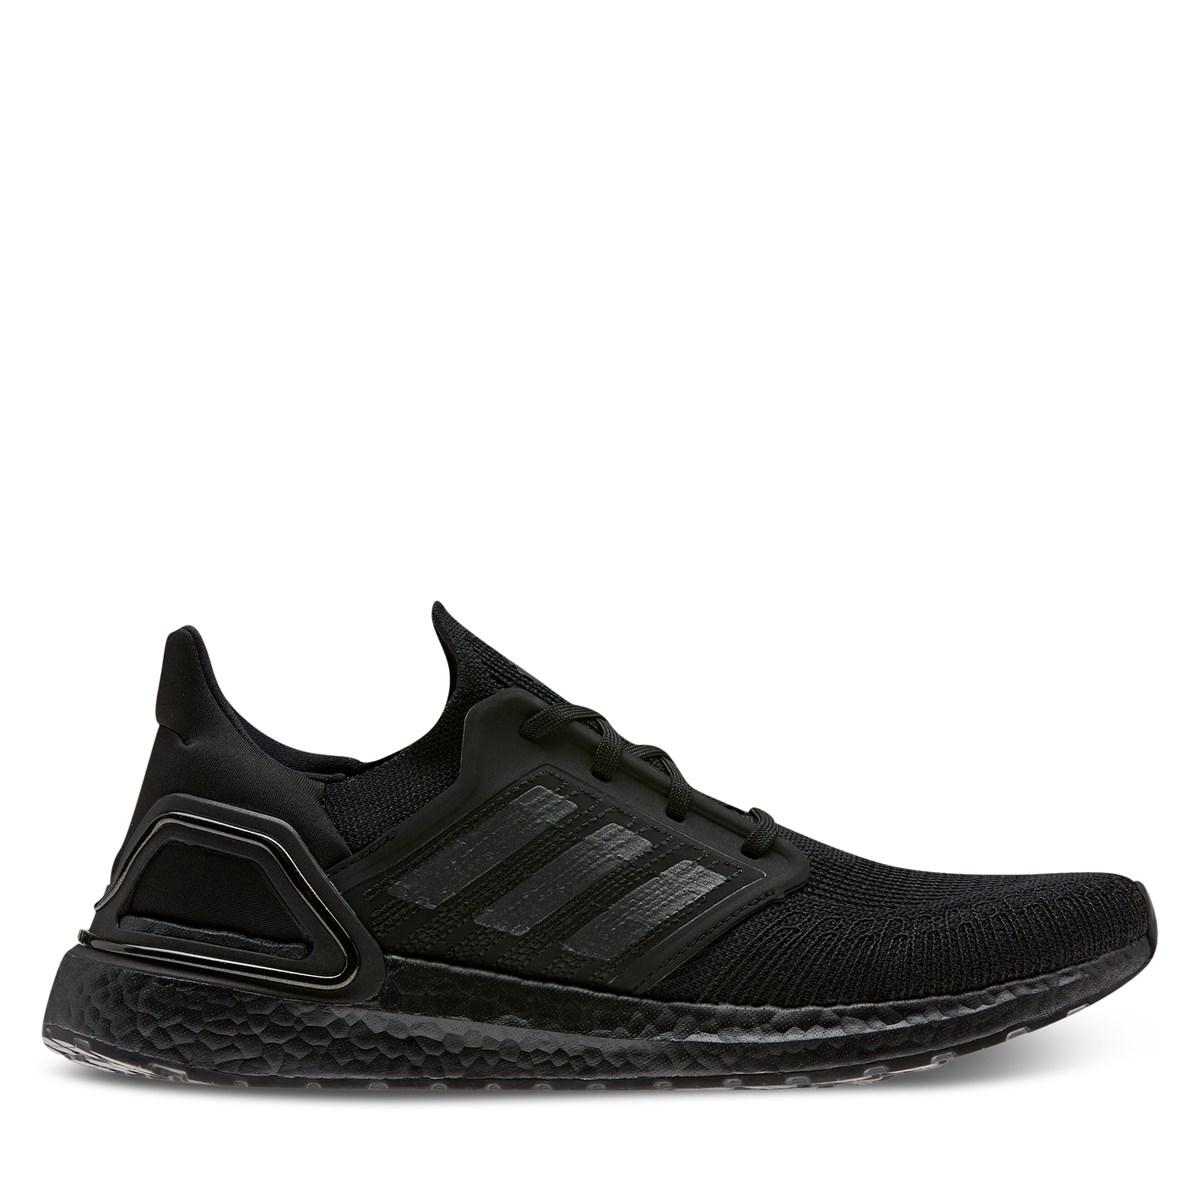 Men's Ultraboost 20 Sneakers in Black